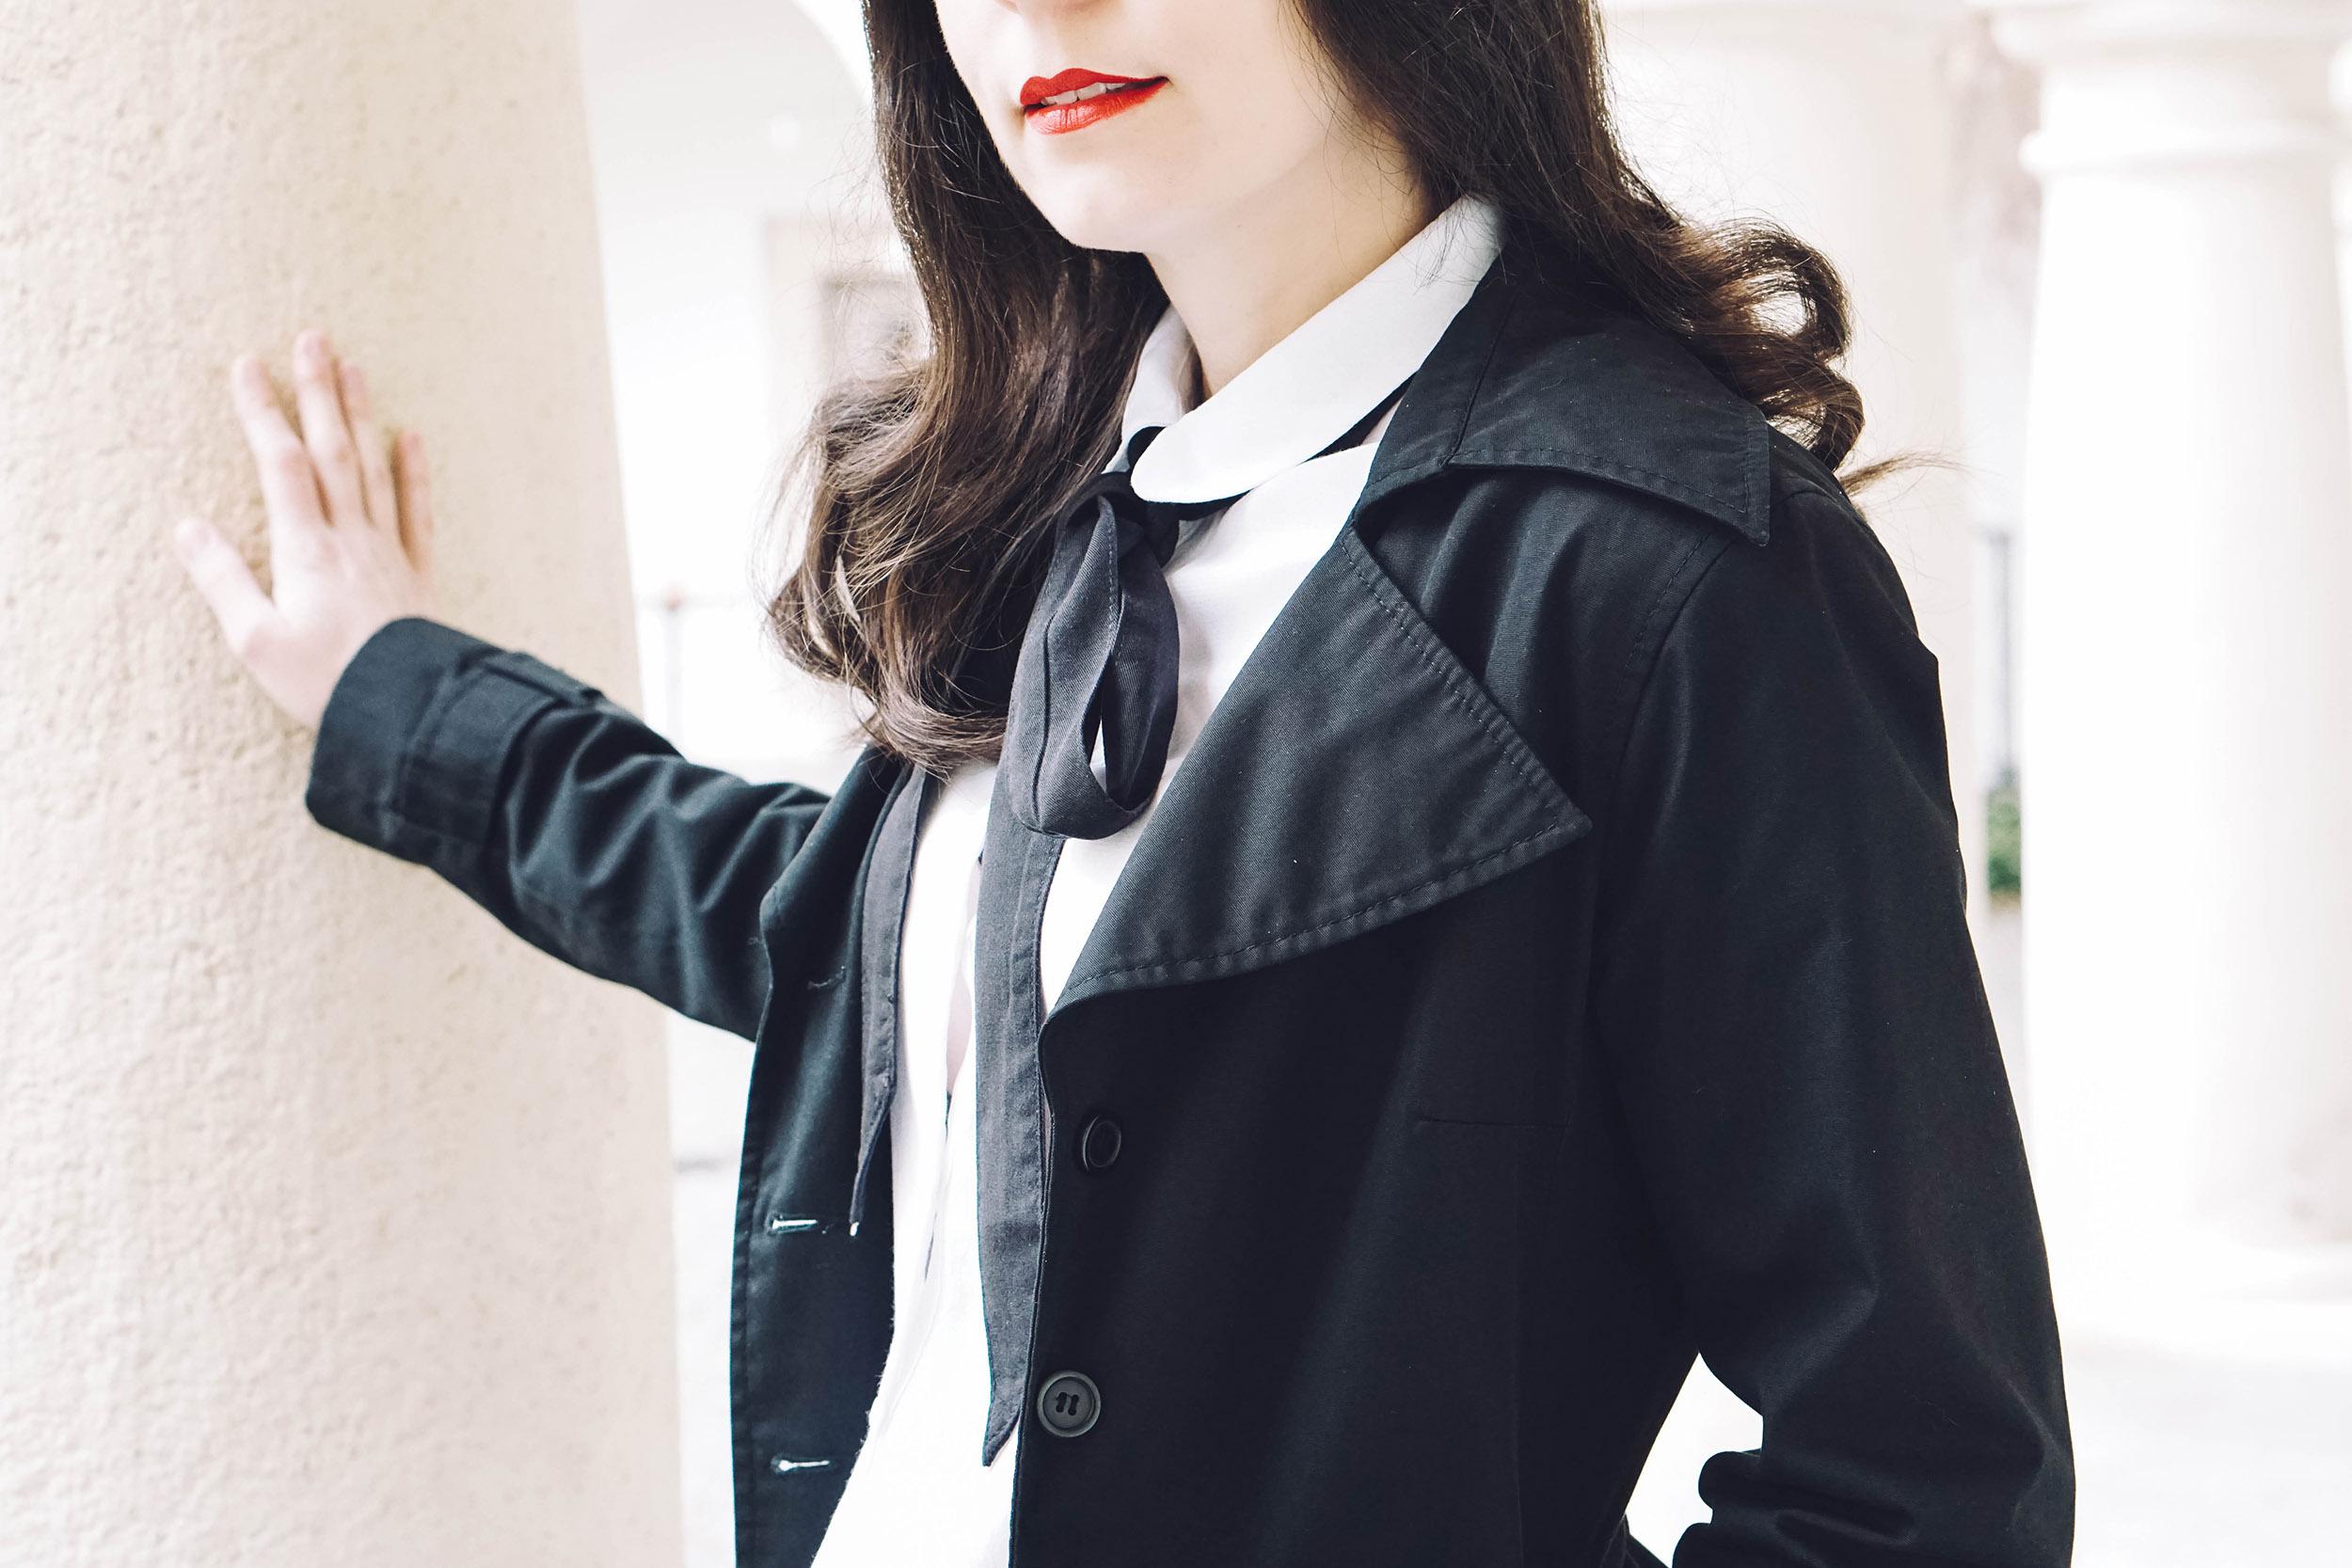 Karriereblog Graz My Mirror World – So trägt man Karo – ein klassisches Outfit